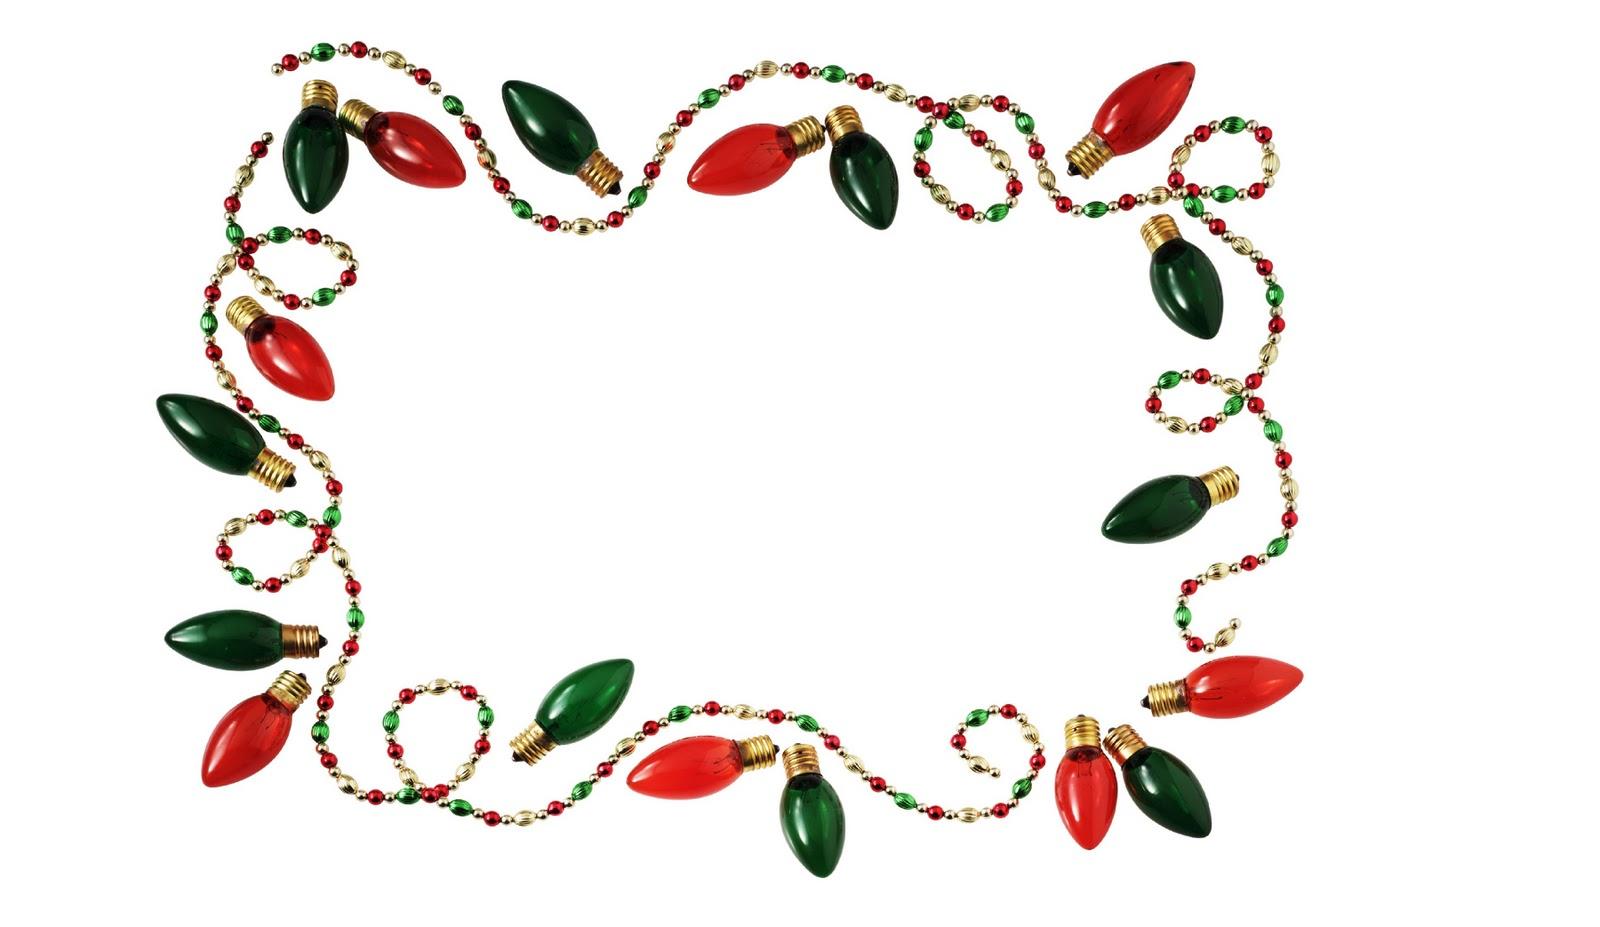 Christmas lights frame HD Wallpaper ~ The Wallpaper Database